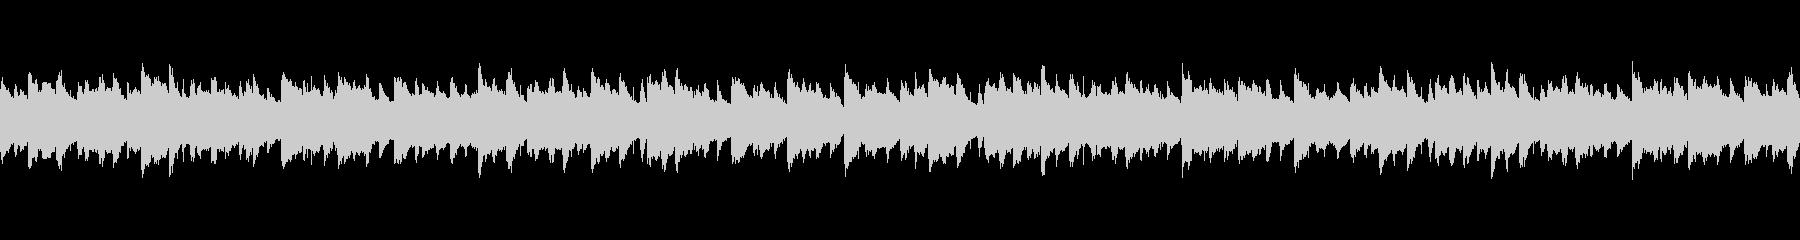 ピアノ軸のワクワク軽快BGMの未再生の波形